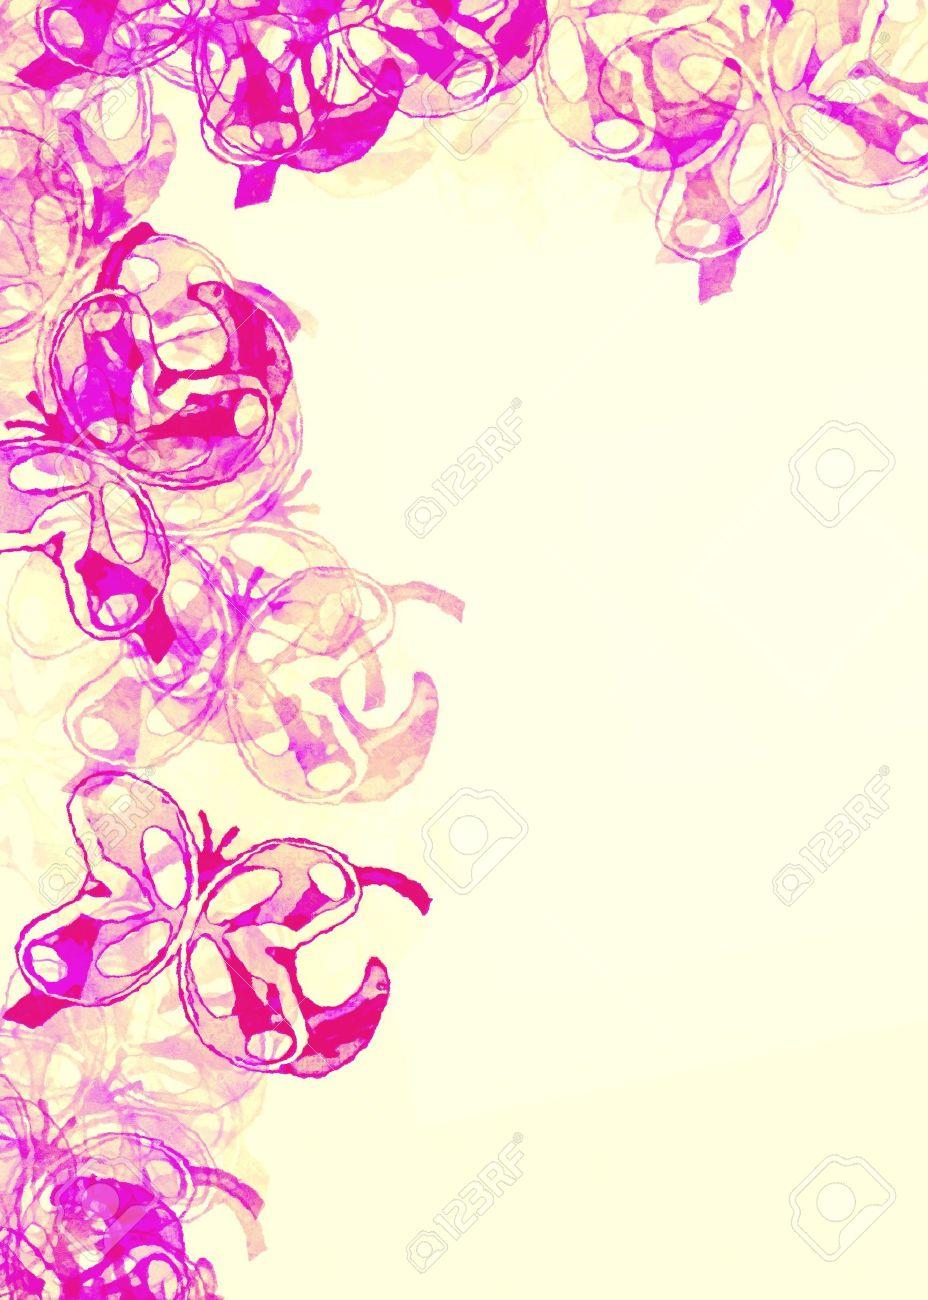 Papel Coloreado Con Un Borde De Mariposa De La Tarjeta De La Nota La Invitación Cumpleaños O Cualquier Ocasión Especial